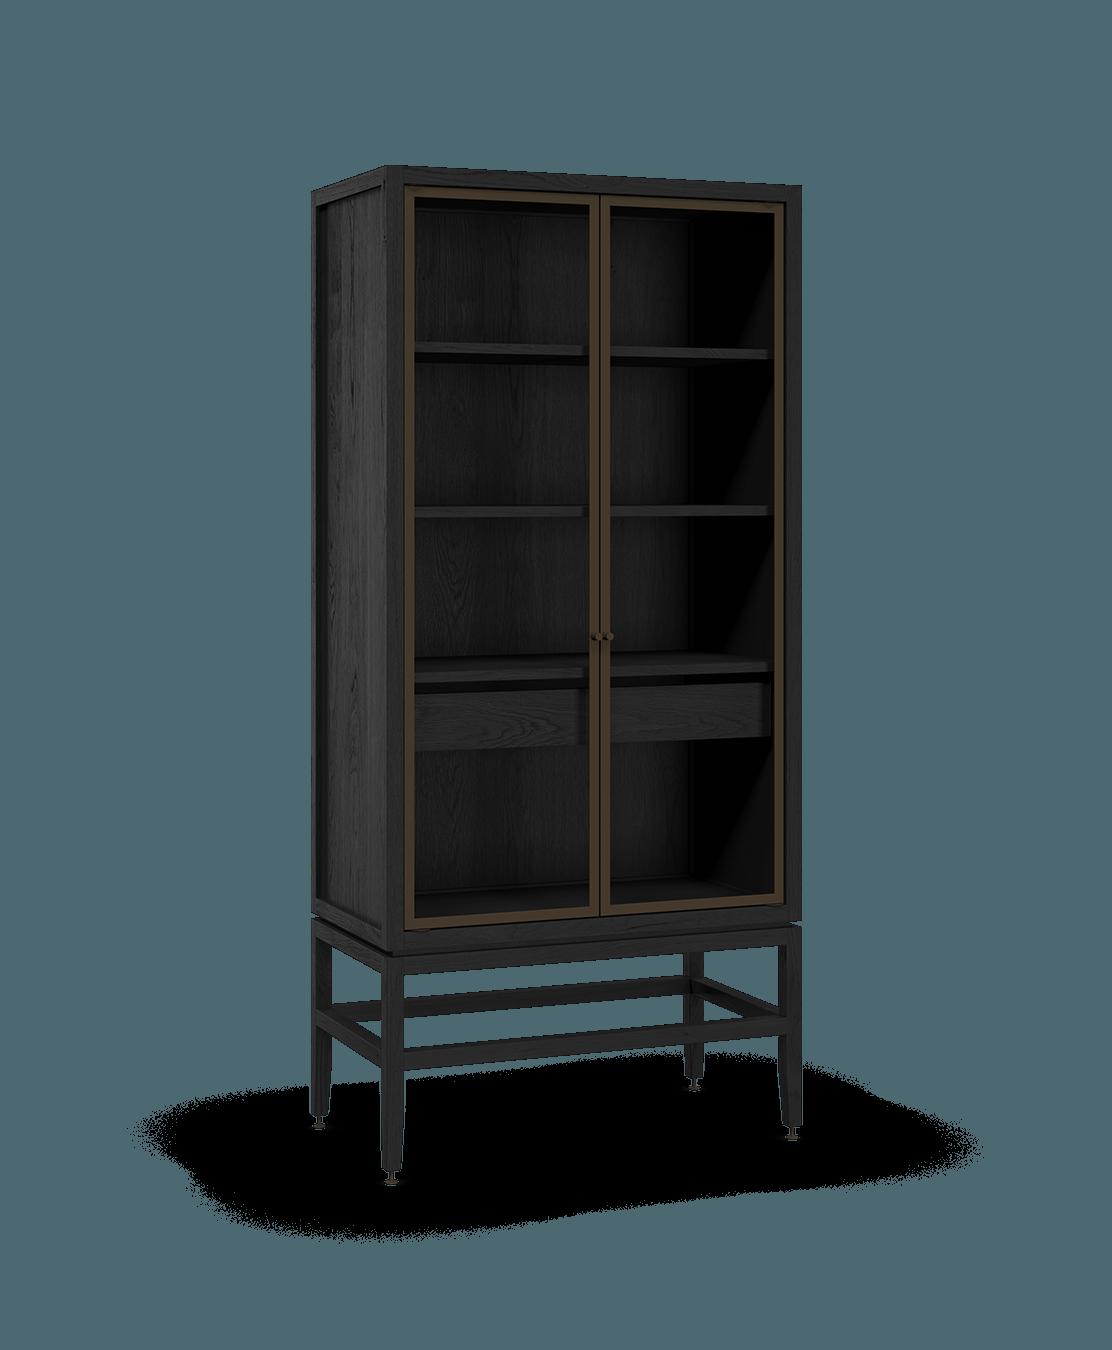 armoire vaisselier vitré modulaire de rangement en bois massif coquo volitare avec 2 portes verre chêne teint noir nuit profonde 33 pouces C2-D-3318-1201-BK